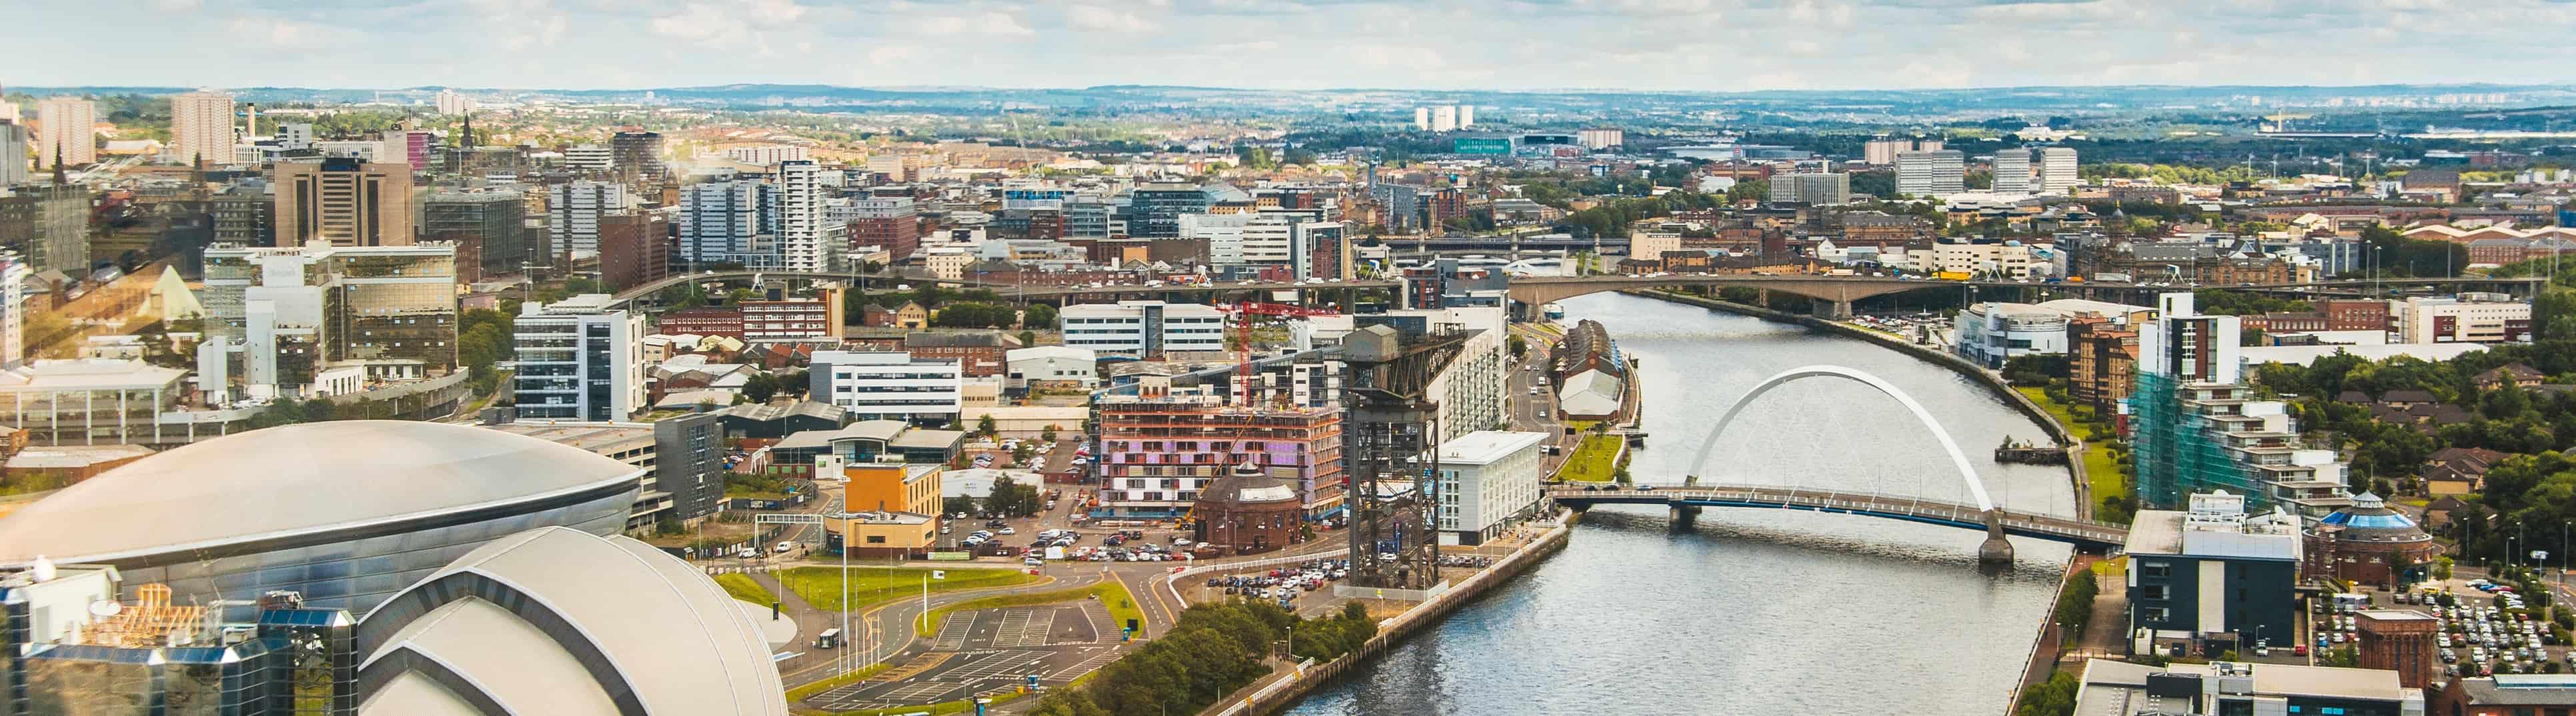 New Gorbals Glasgow